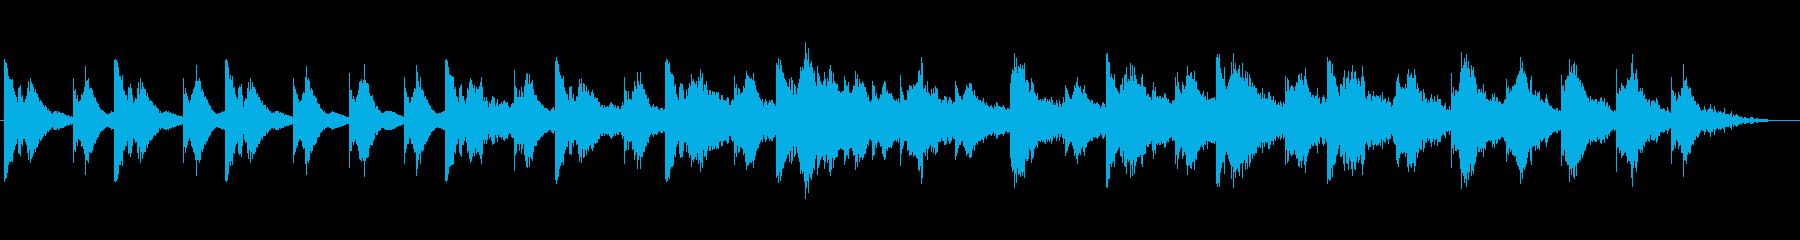 不気味で不安定、鬱が渦巻くBGMの再生済みの波形